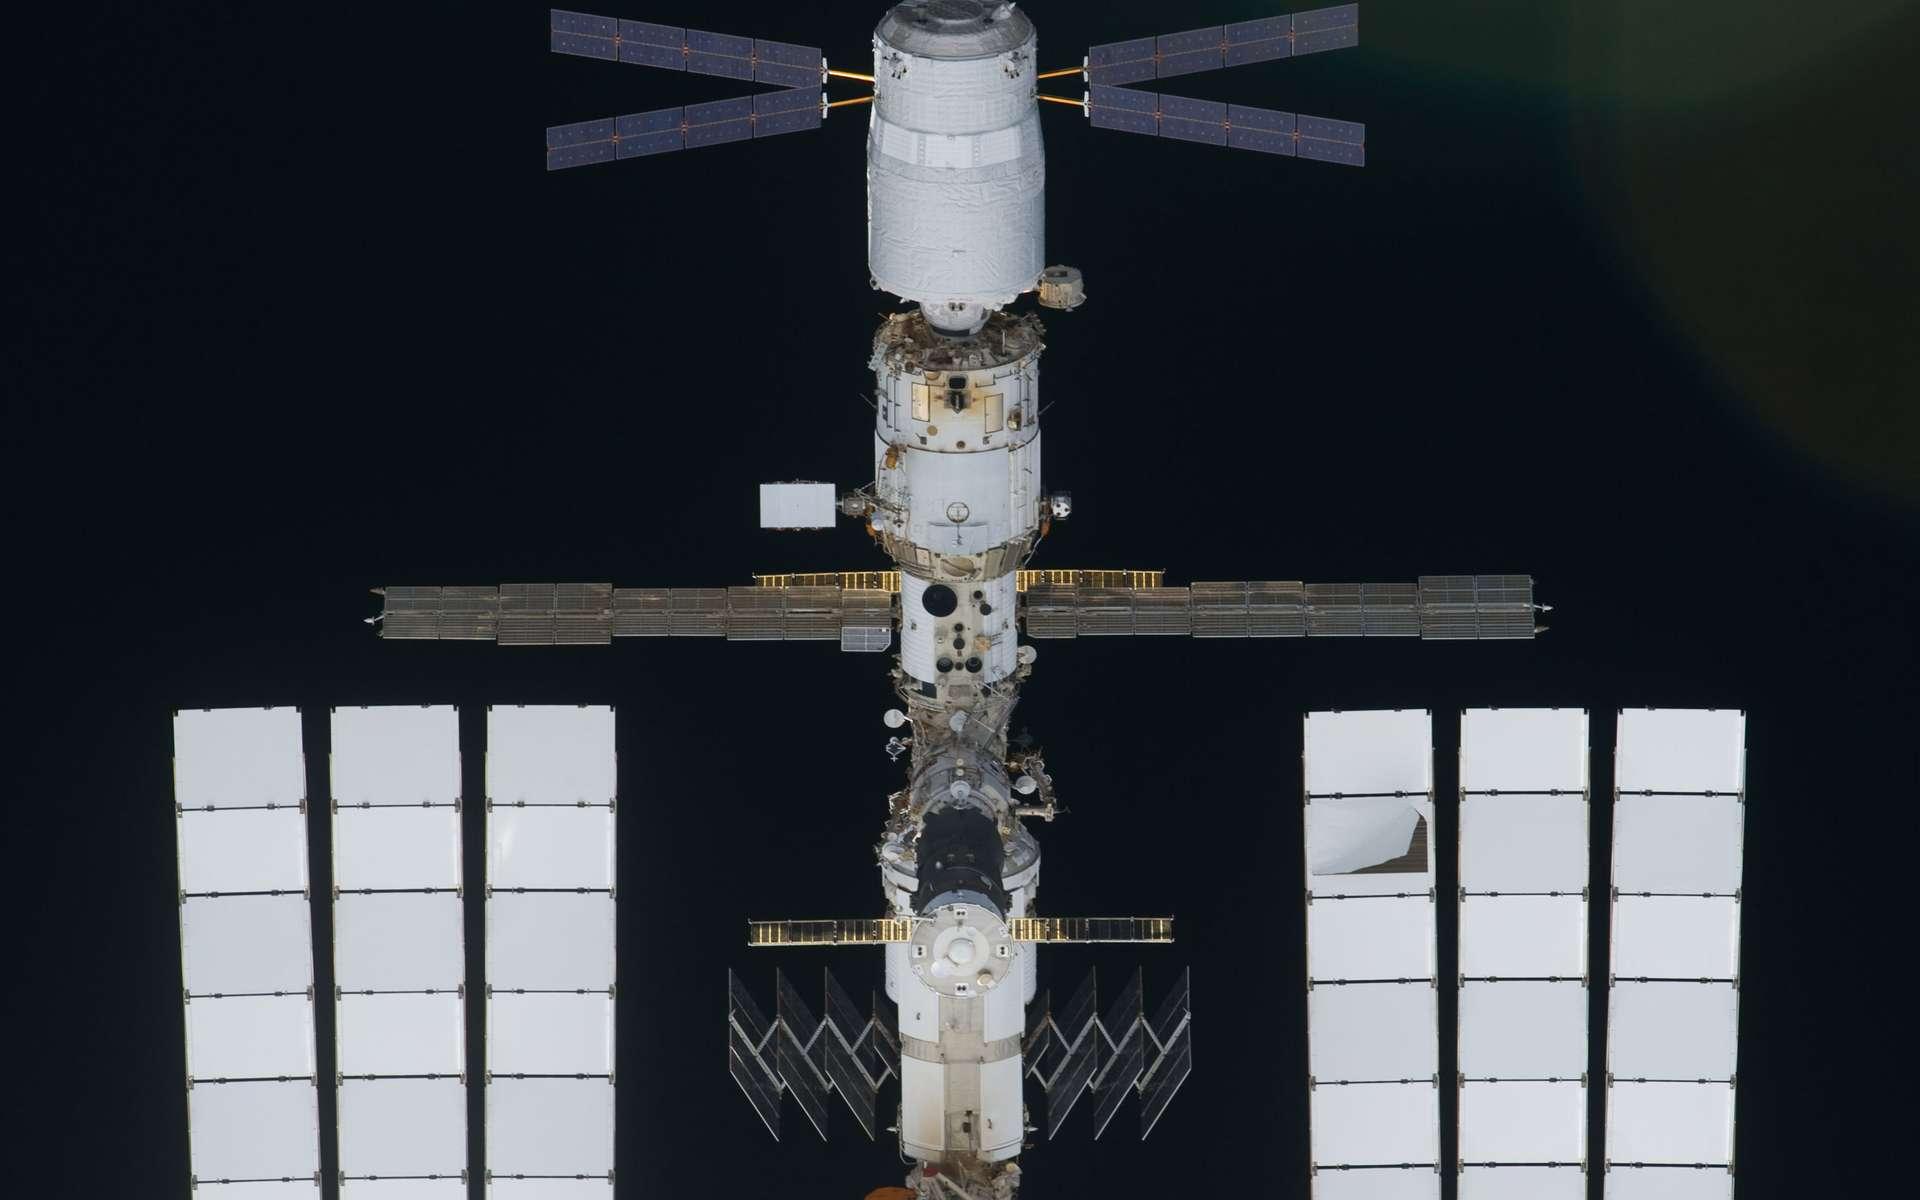 Avec ses panneaux solaires bleus, l'ATV Johannes Kepler est amarré au module de service russe Zvezda. Il restera accroché à la Station spatiale pendant au moins trois mois. © Nasa